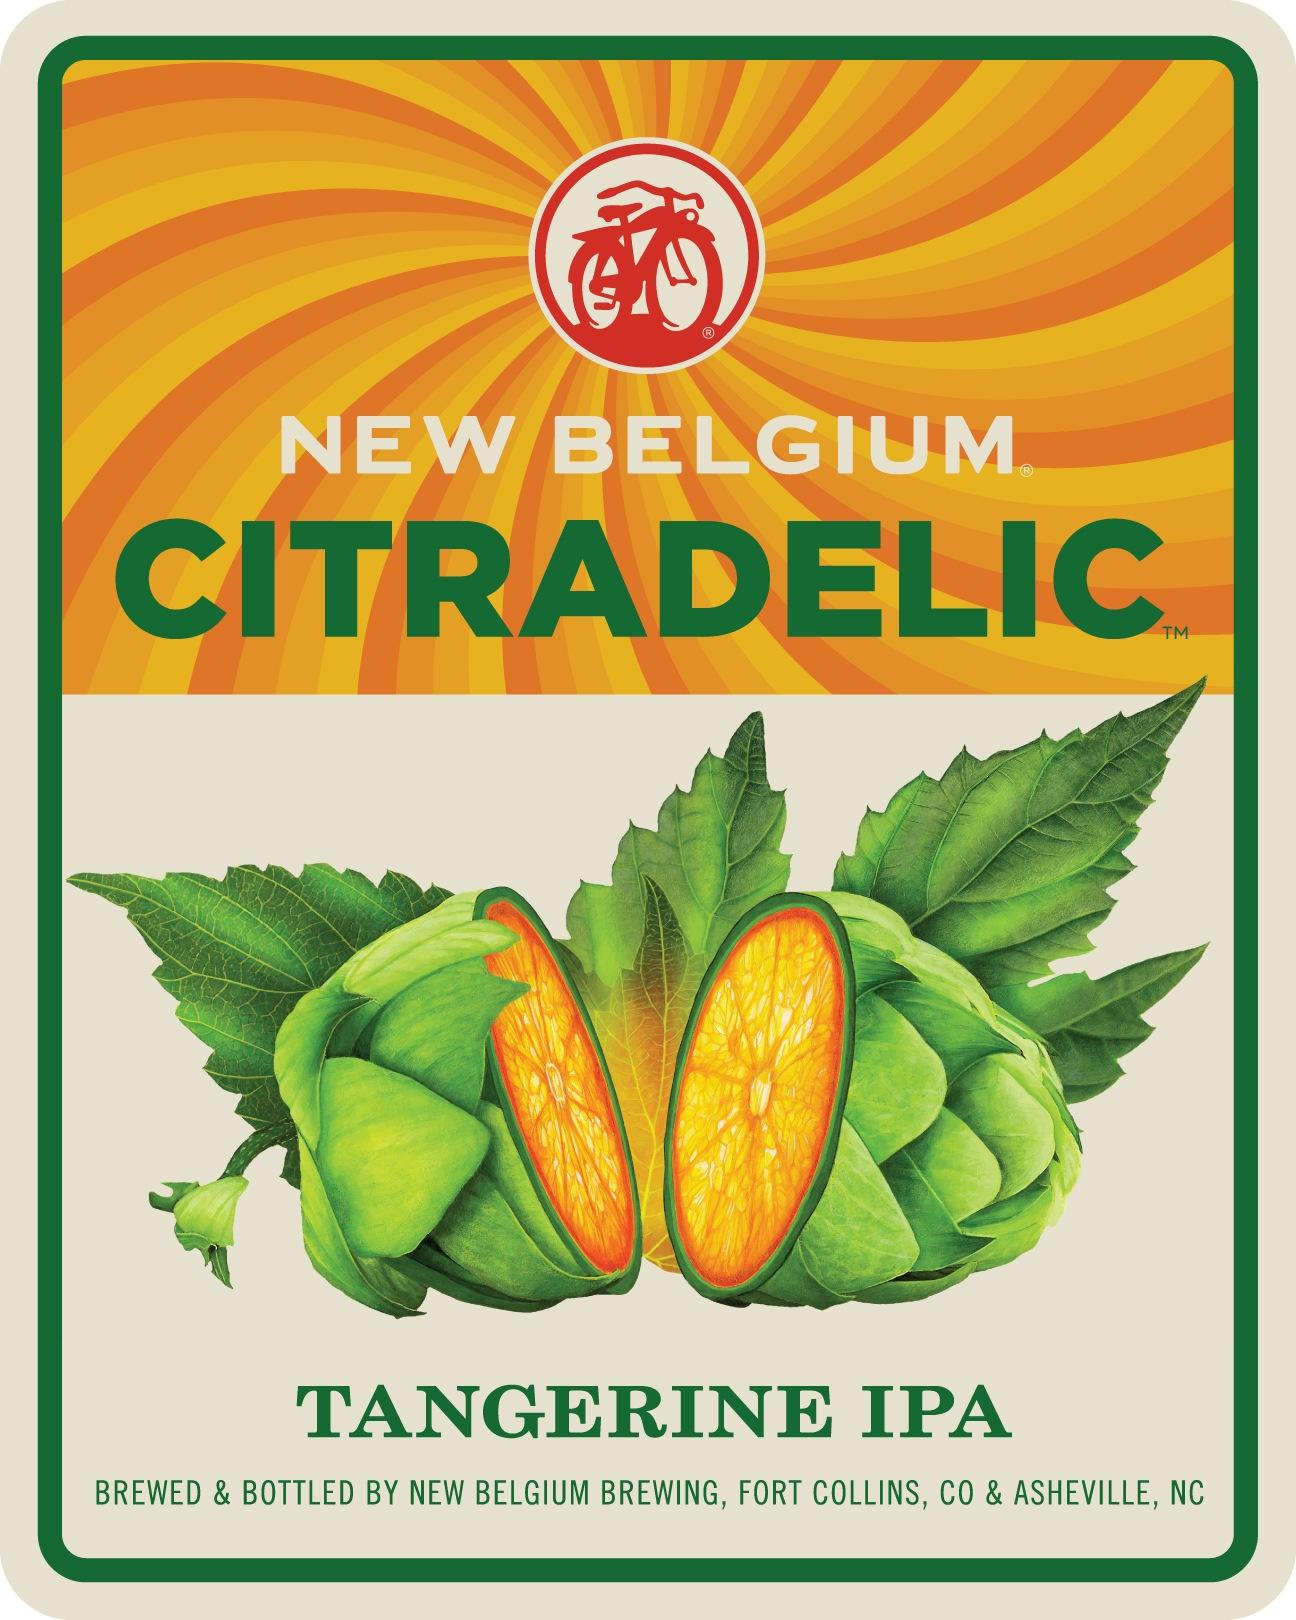 New Belgium Citradelic Logo